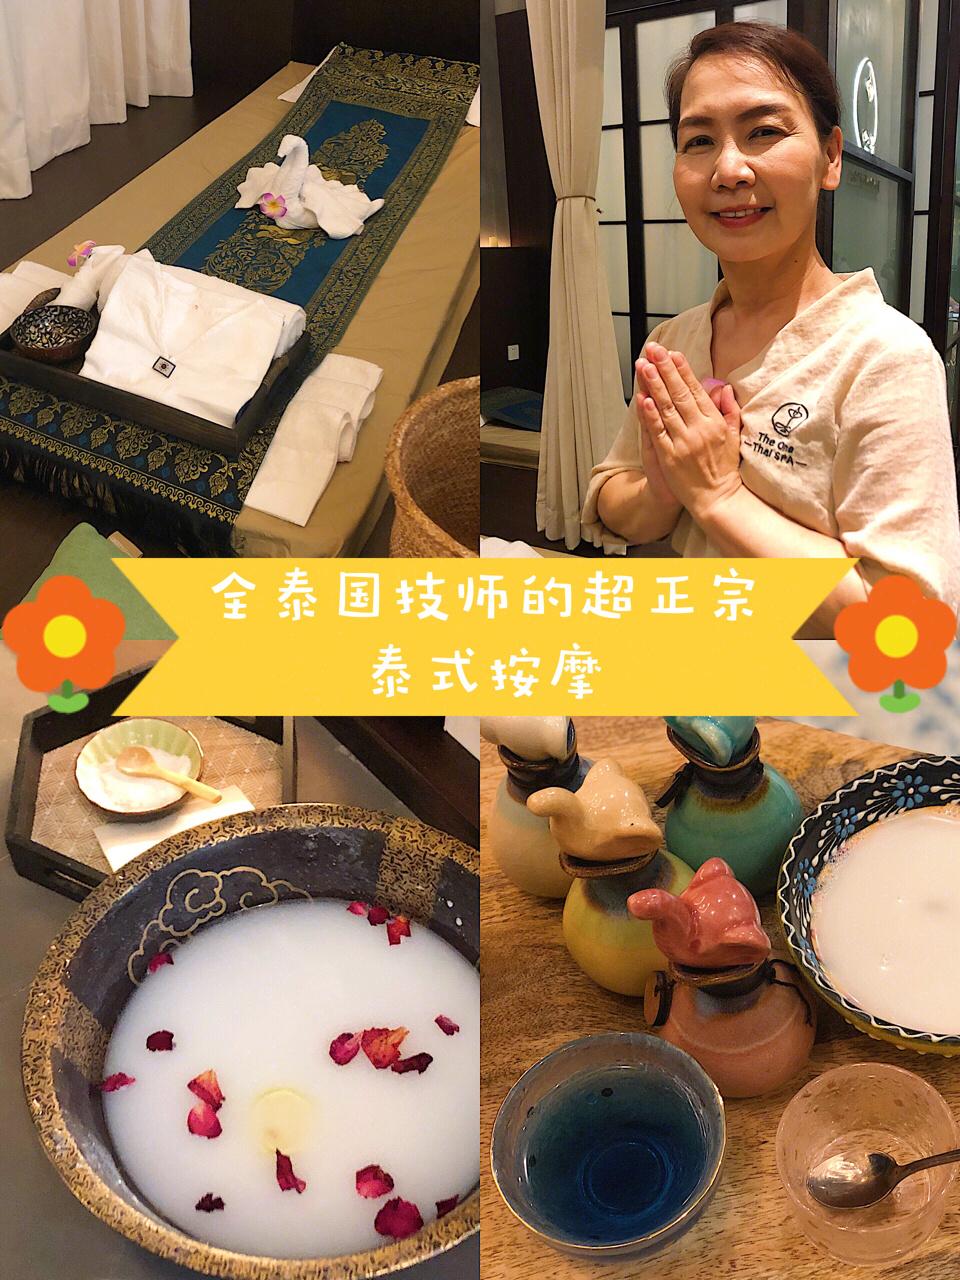 广州—全泰国技师的SPA️传统泰式按摩按完全身超舒爽!